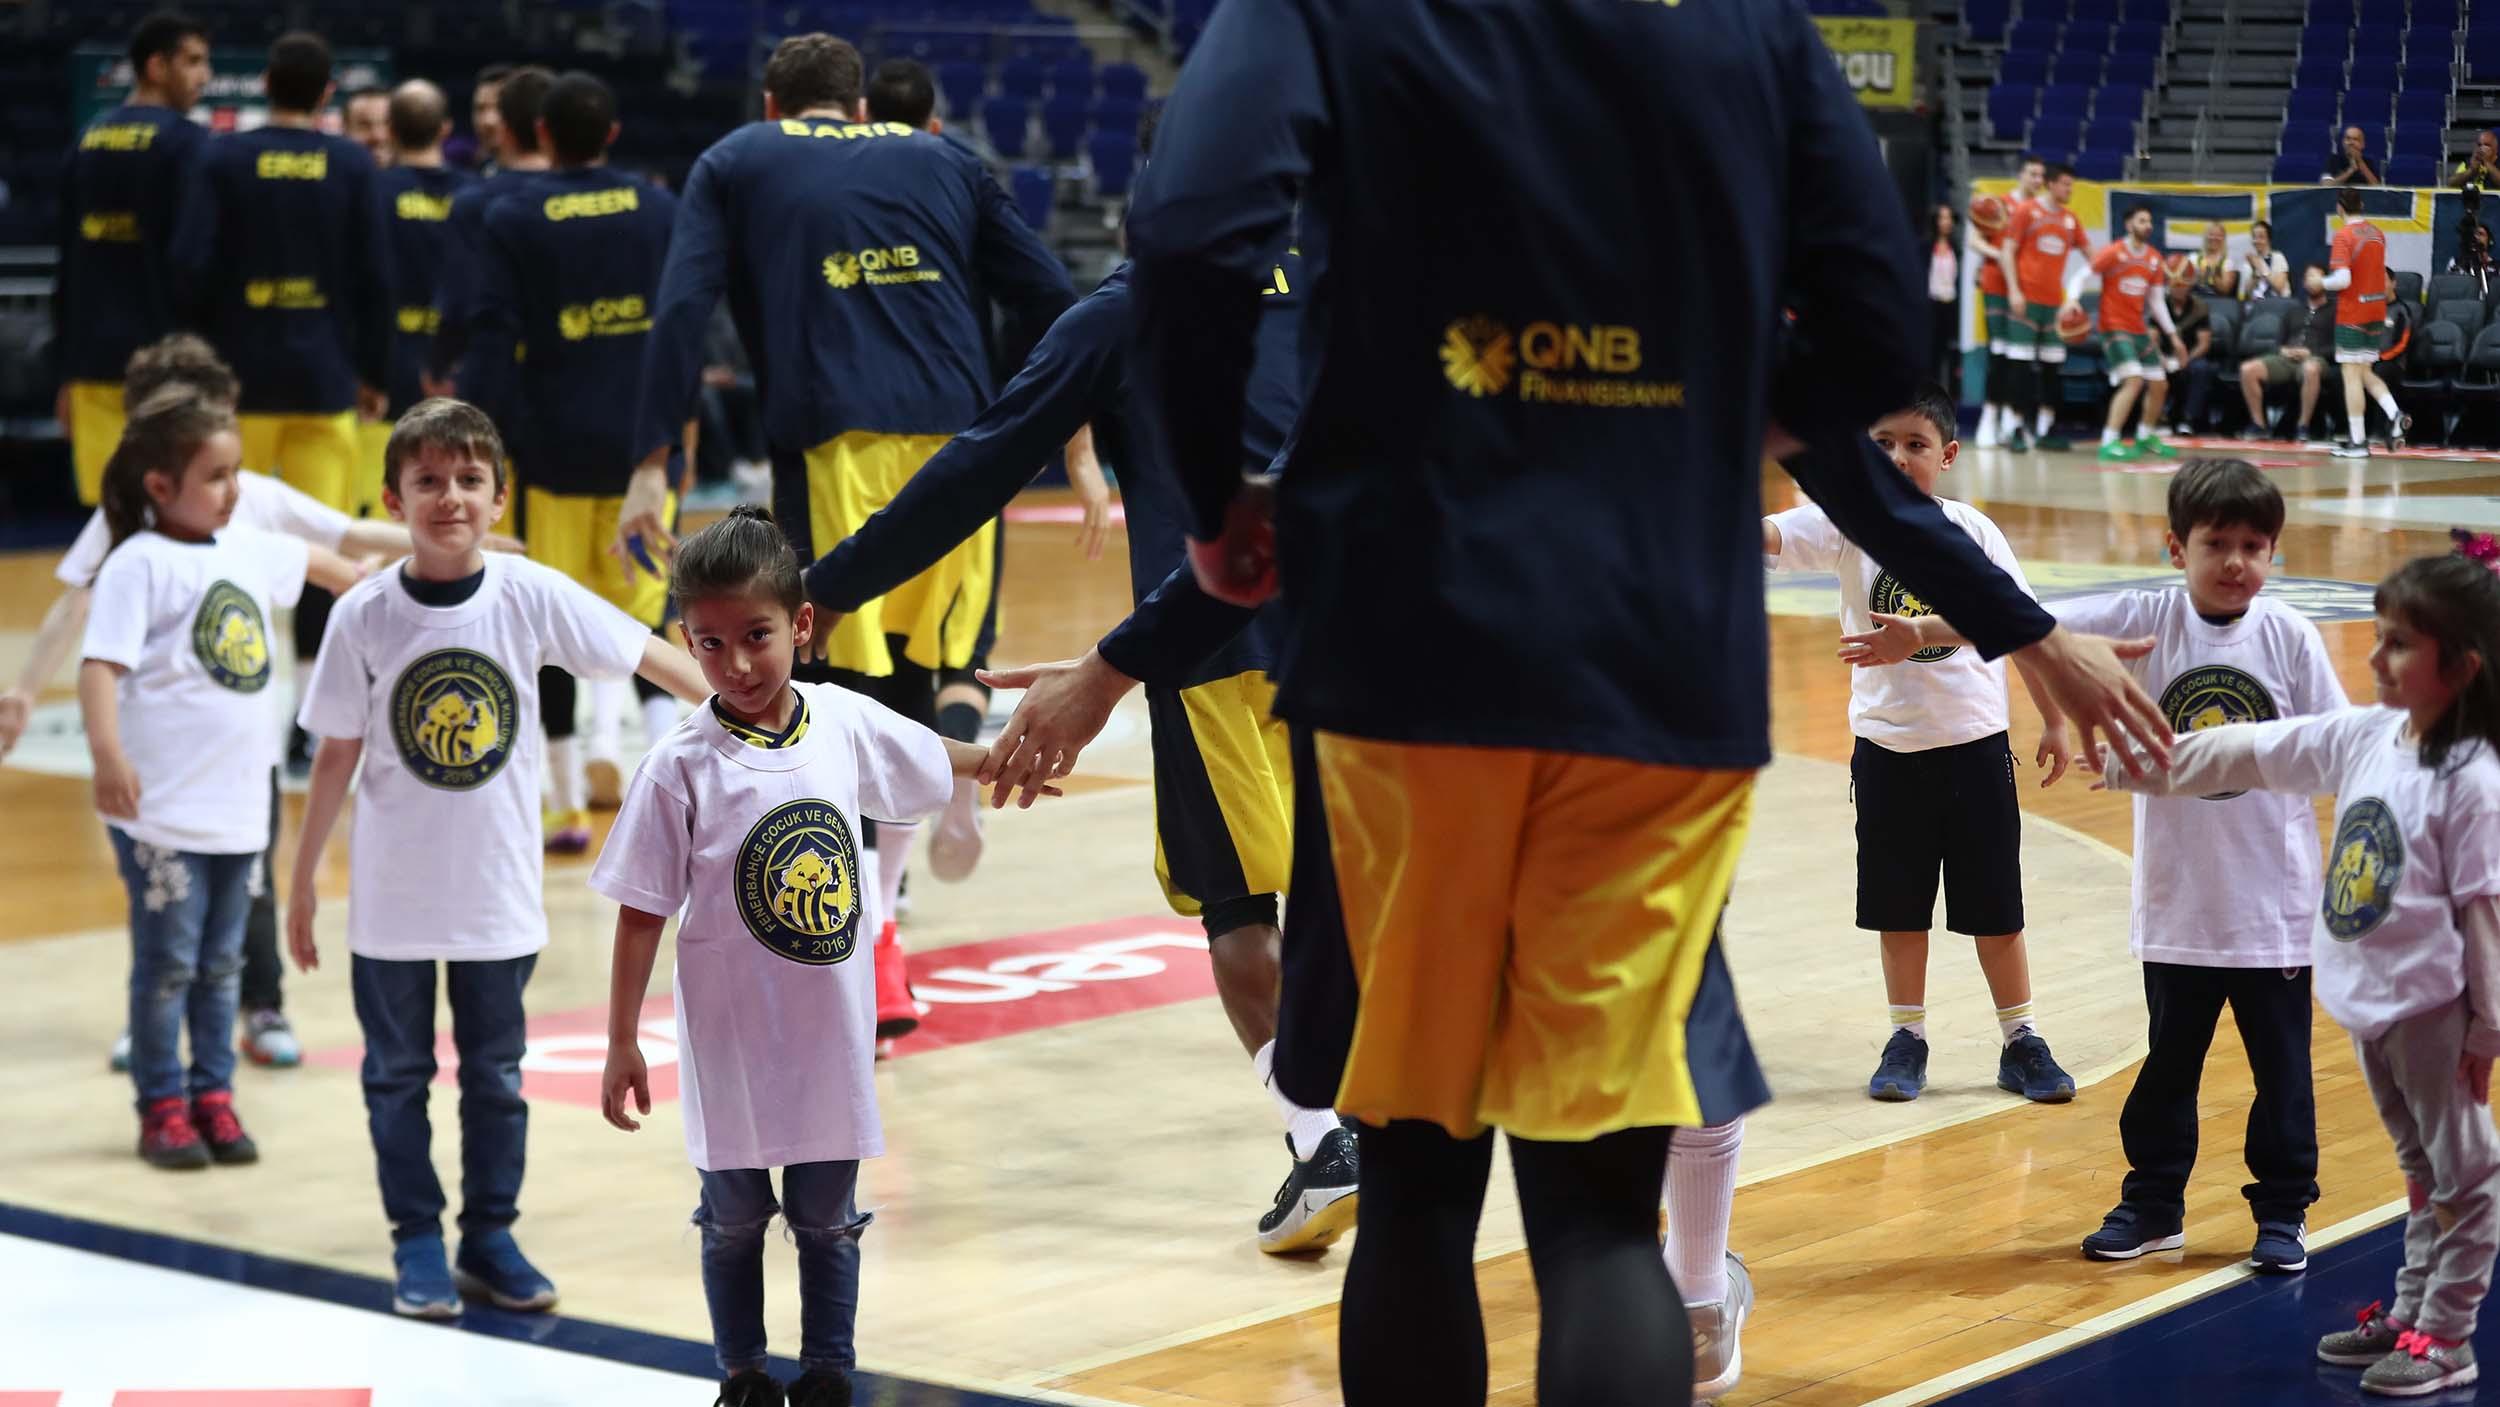 Fenerbahçe Beko - Banvit maçı seremonisinde FBÇGK katılımcıları yer aldı